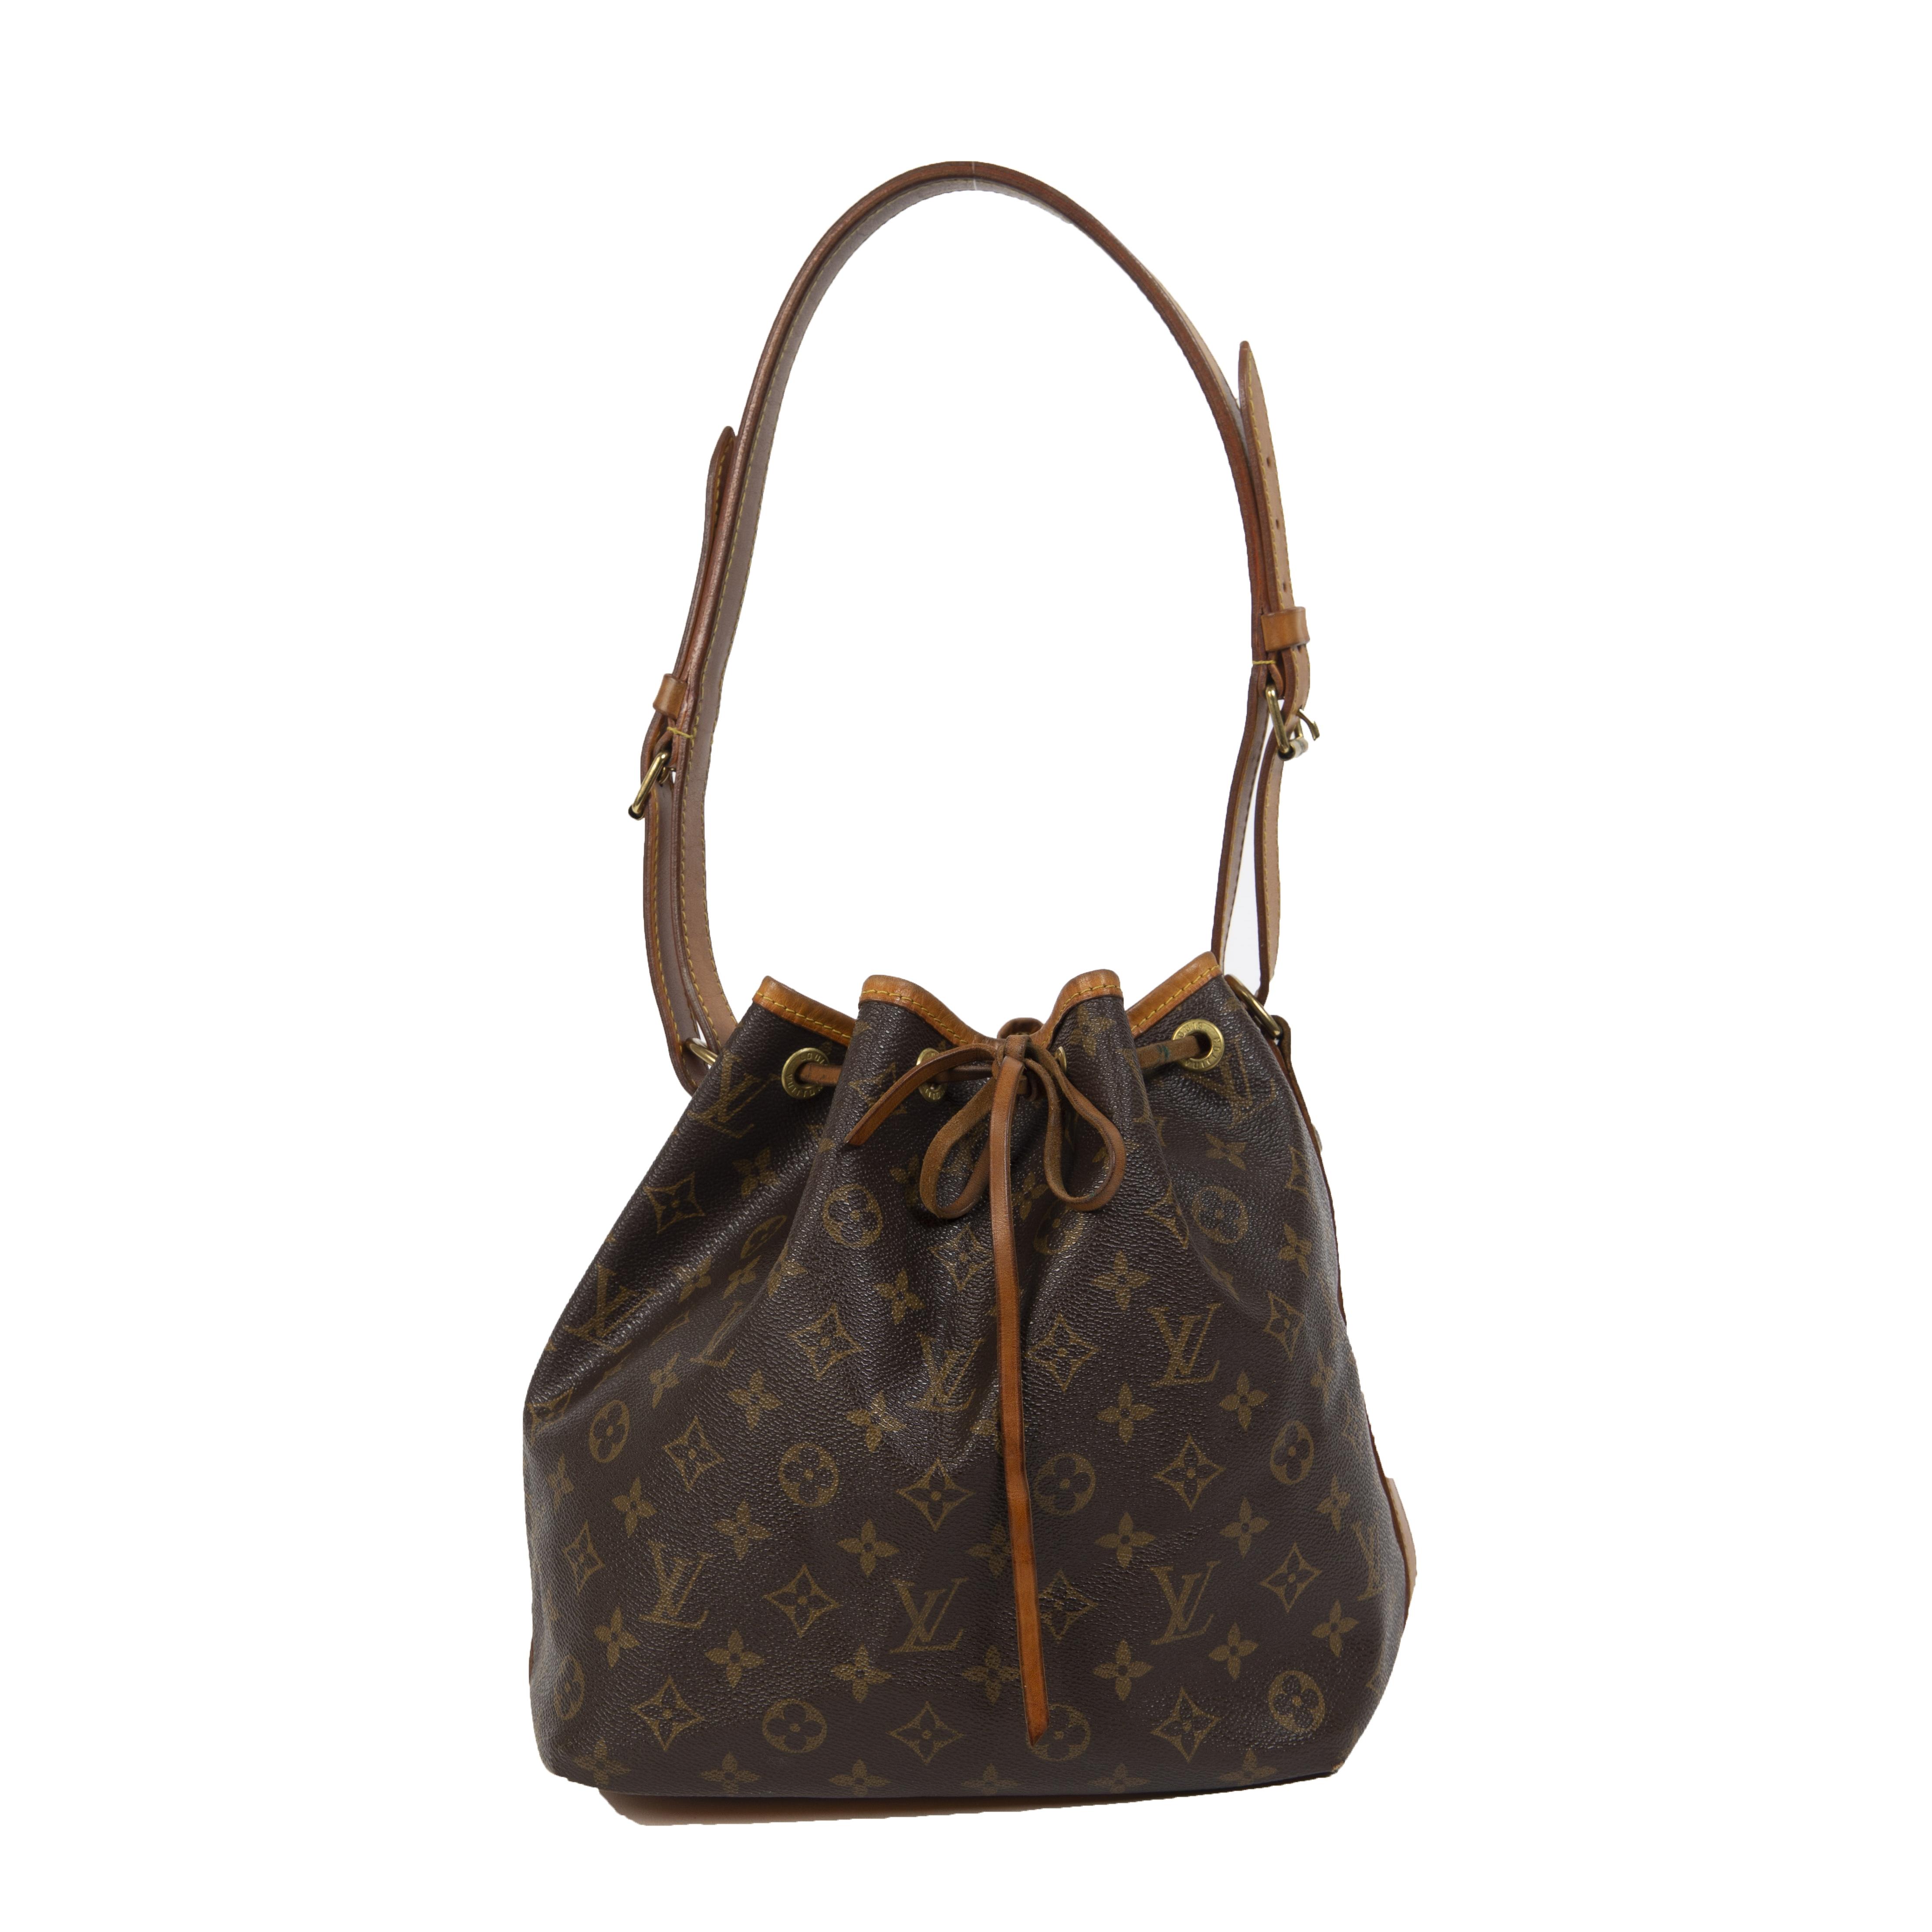 100% authentic Louis Vuitton Monogram Noé Bucket Bag for the best price